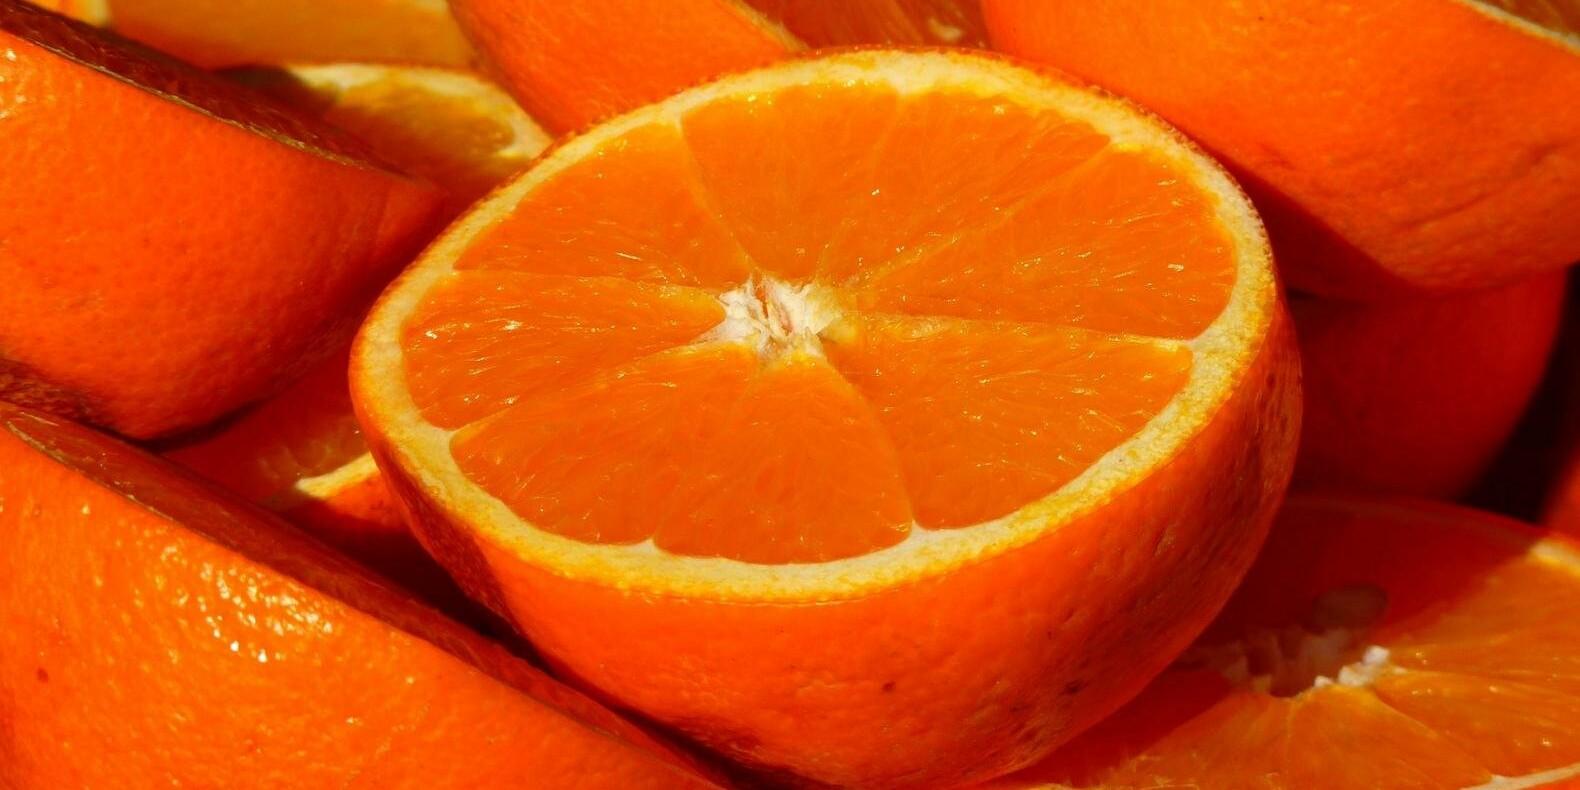 О пользе апельсинов и как правильно их есть, рассказала диетолог